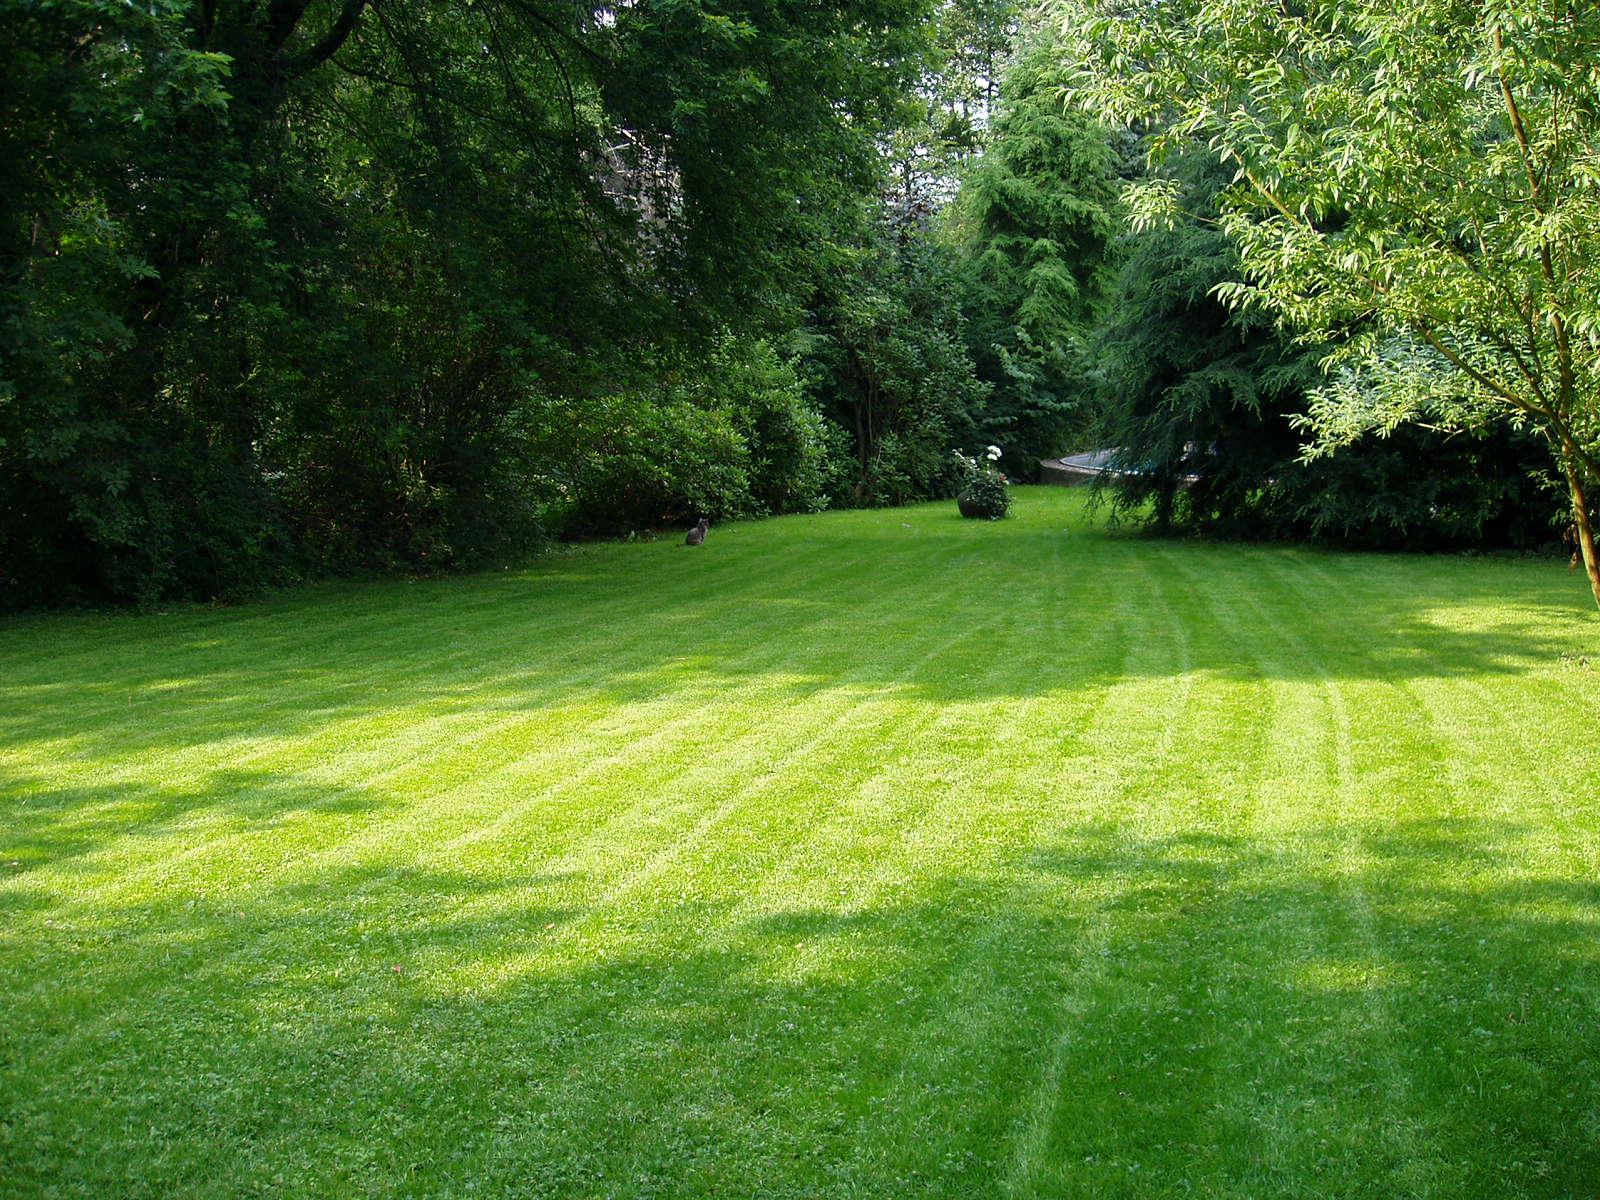 zakladanie trawnika kraków ogród łobzów